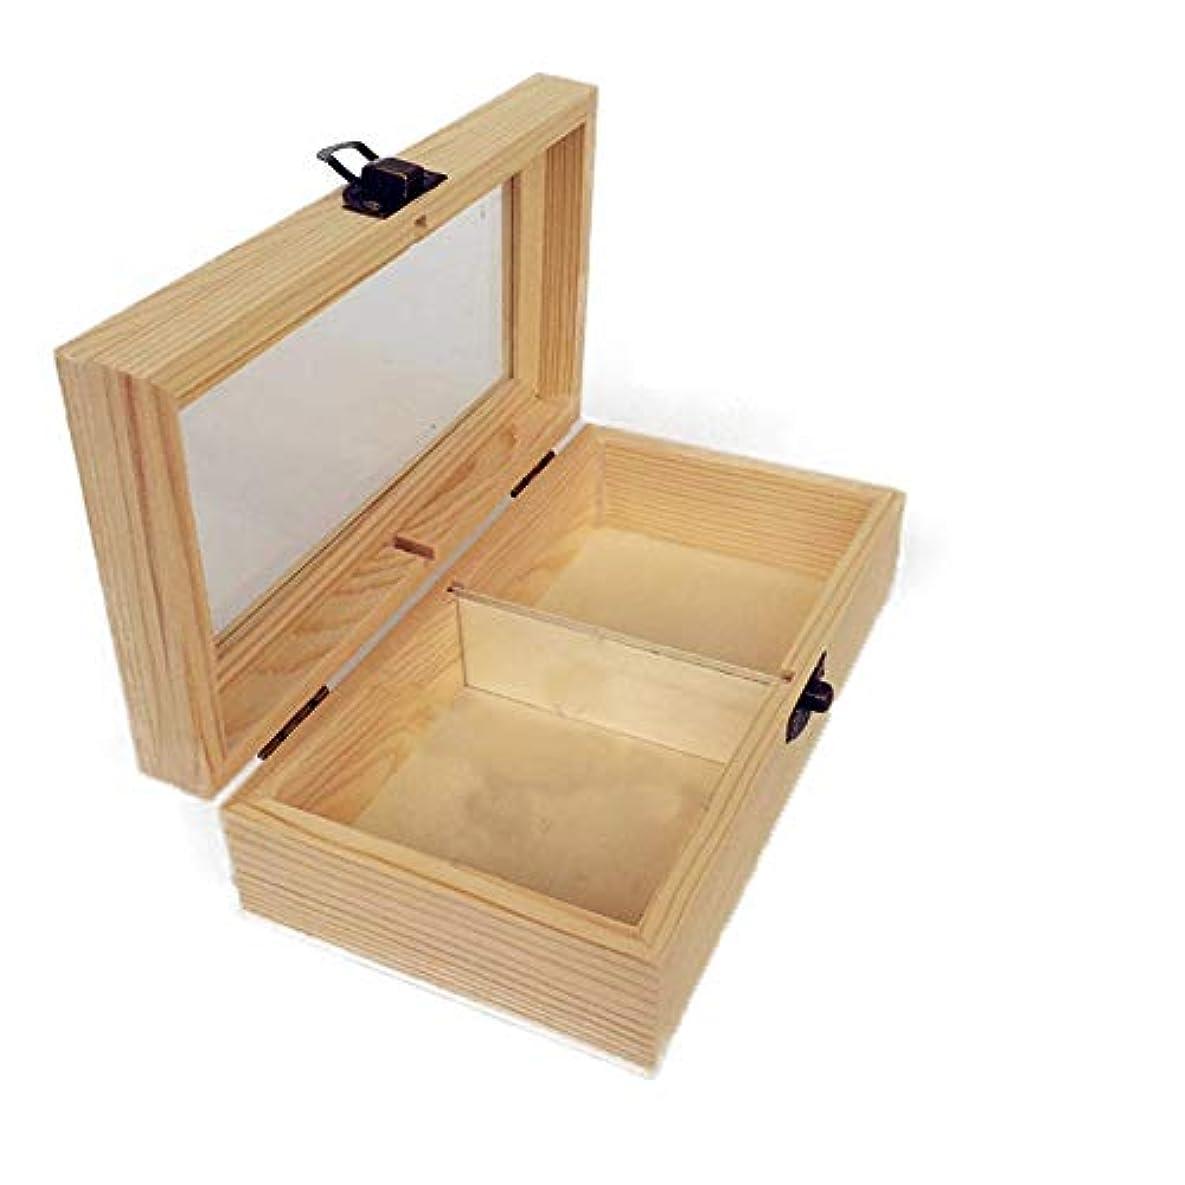 パイント生態学暖炉エッセンシャルオイルストレージボックス プレゼンテーションのために手作りの木製ギフトボックスパーフェクトエッセンシャルオイルケースにエッセンシャルオイルは、被害太陽光からあなたの油を保護します 旅行およびプレゼンテーション...